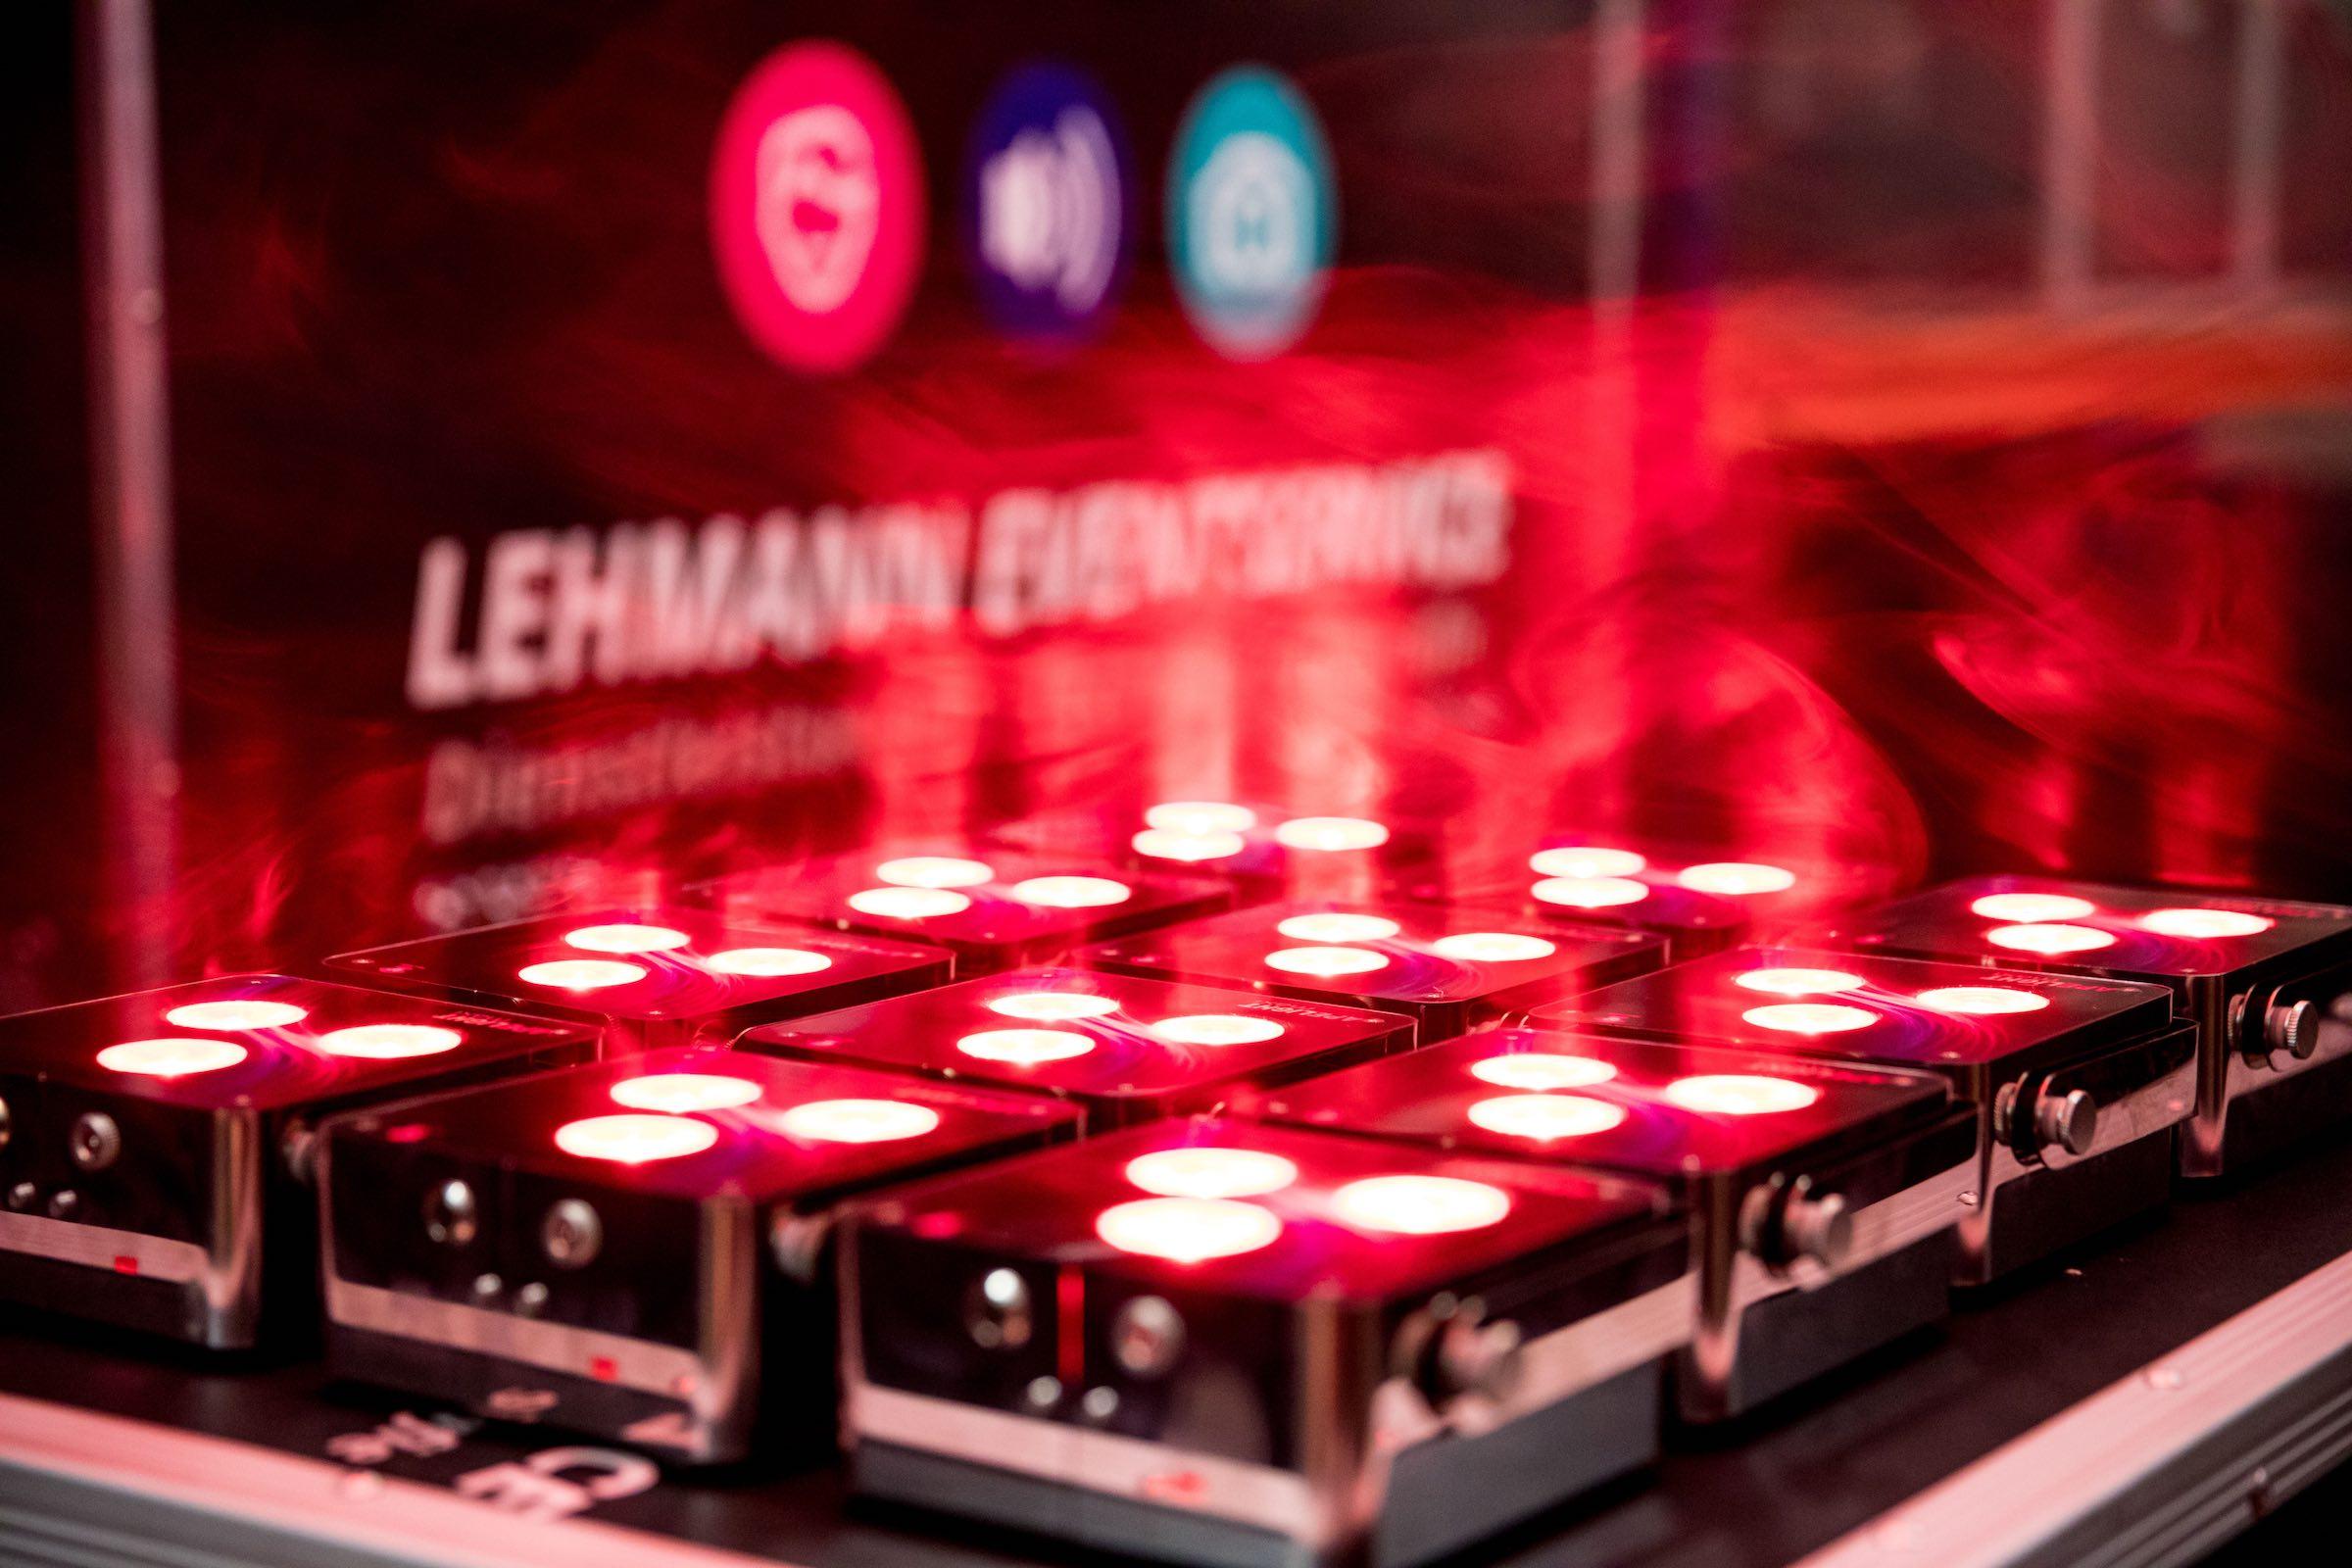 Beleuchtung | Akku | LED | Floorspots | Messe | Firmenveranstaltung | Indoor | Outdoor | Lichttechnik | Raumbleuchtung | Location | Uplight | Buchen | Mieten | Anfragen | Lehmann | Eventservice